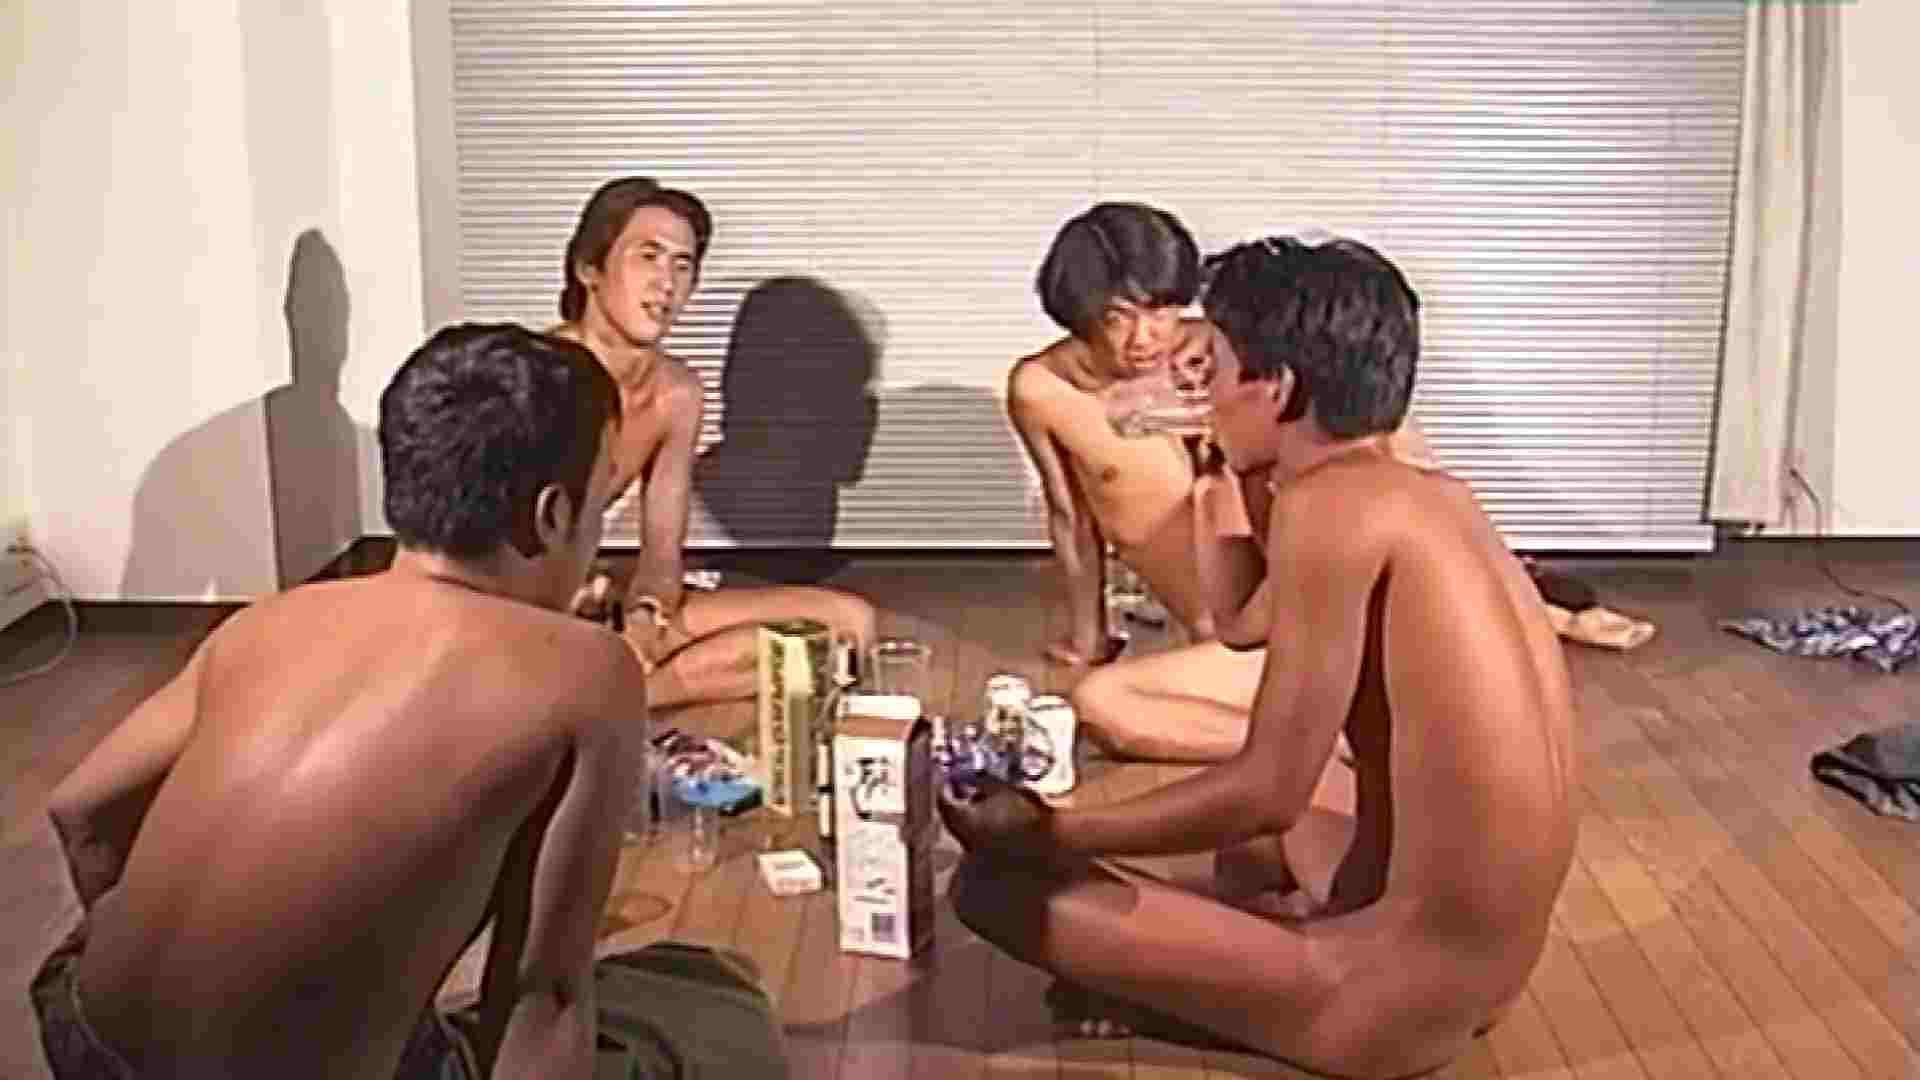 イケイケMEN'SCLUB vol.23 エロすぎる映像 | 男の世界  64画像 55